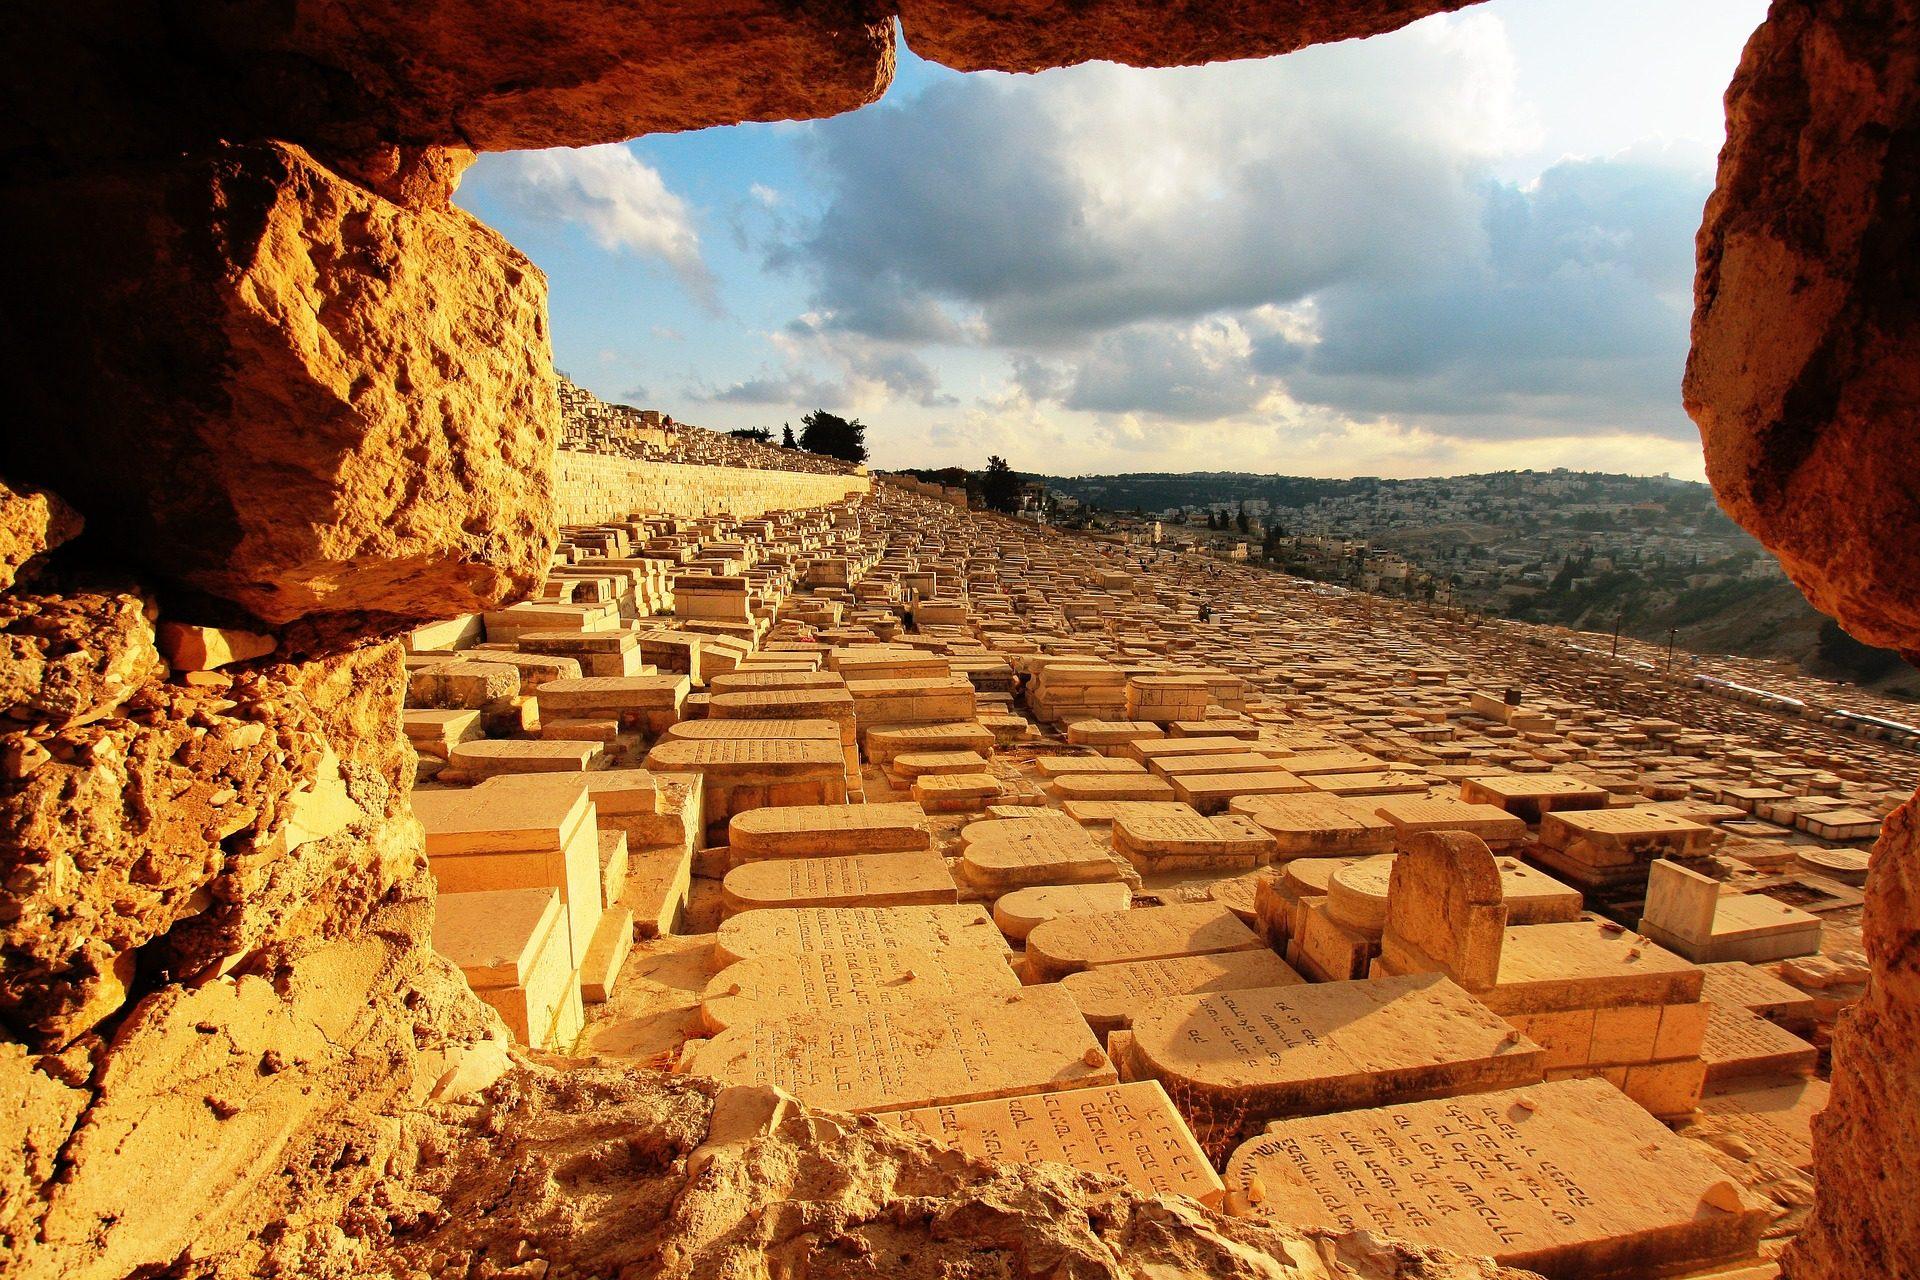 Монтанья, надгробные камни, Rocas, Масличная гора, Иерусалим - Обои HD - Профессор falken.com